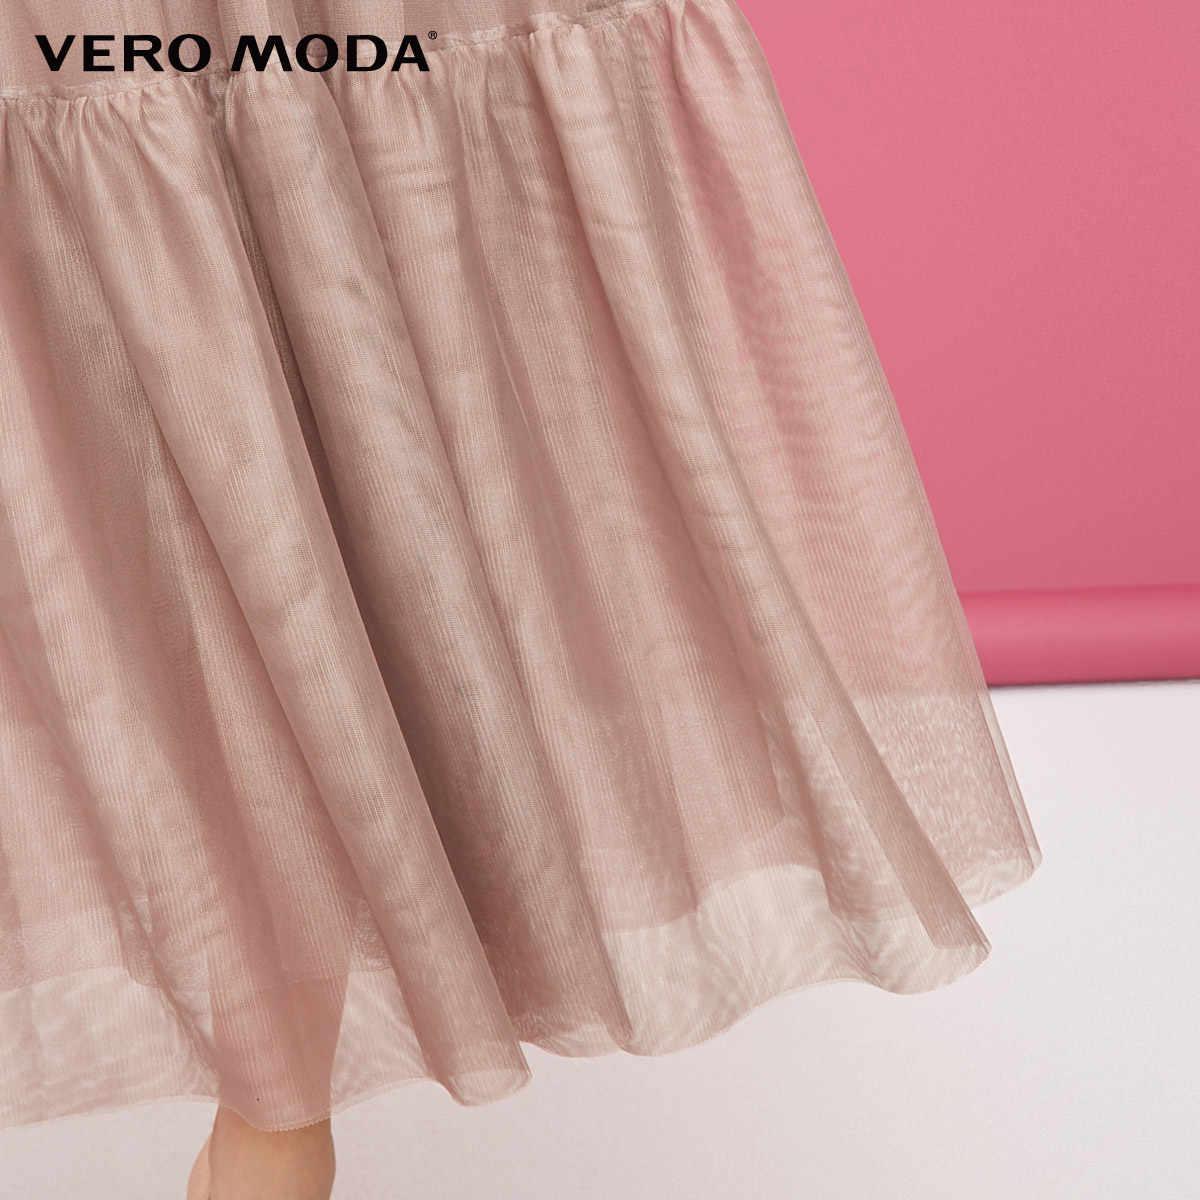 Платье с длинными рукавами и принтом Vero Moda 2019 | 31847D518